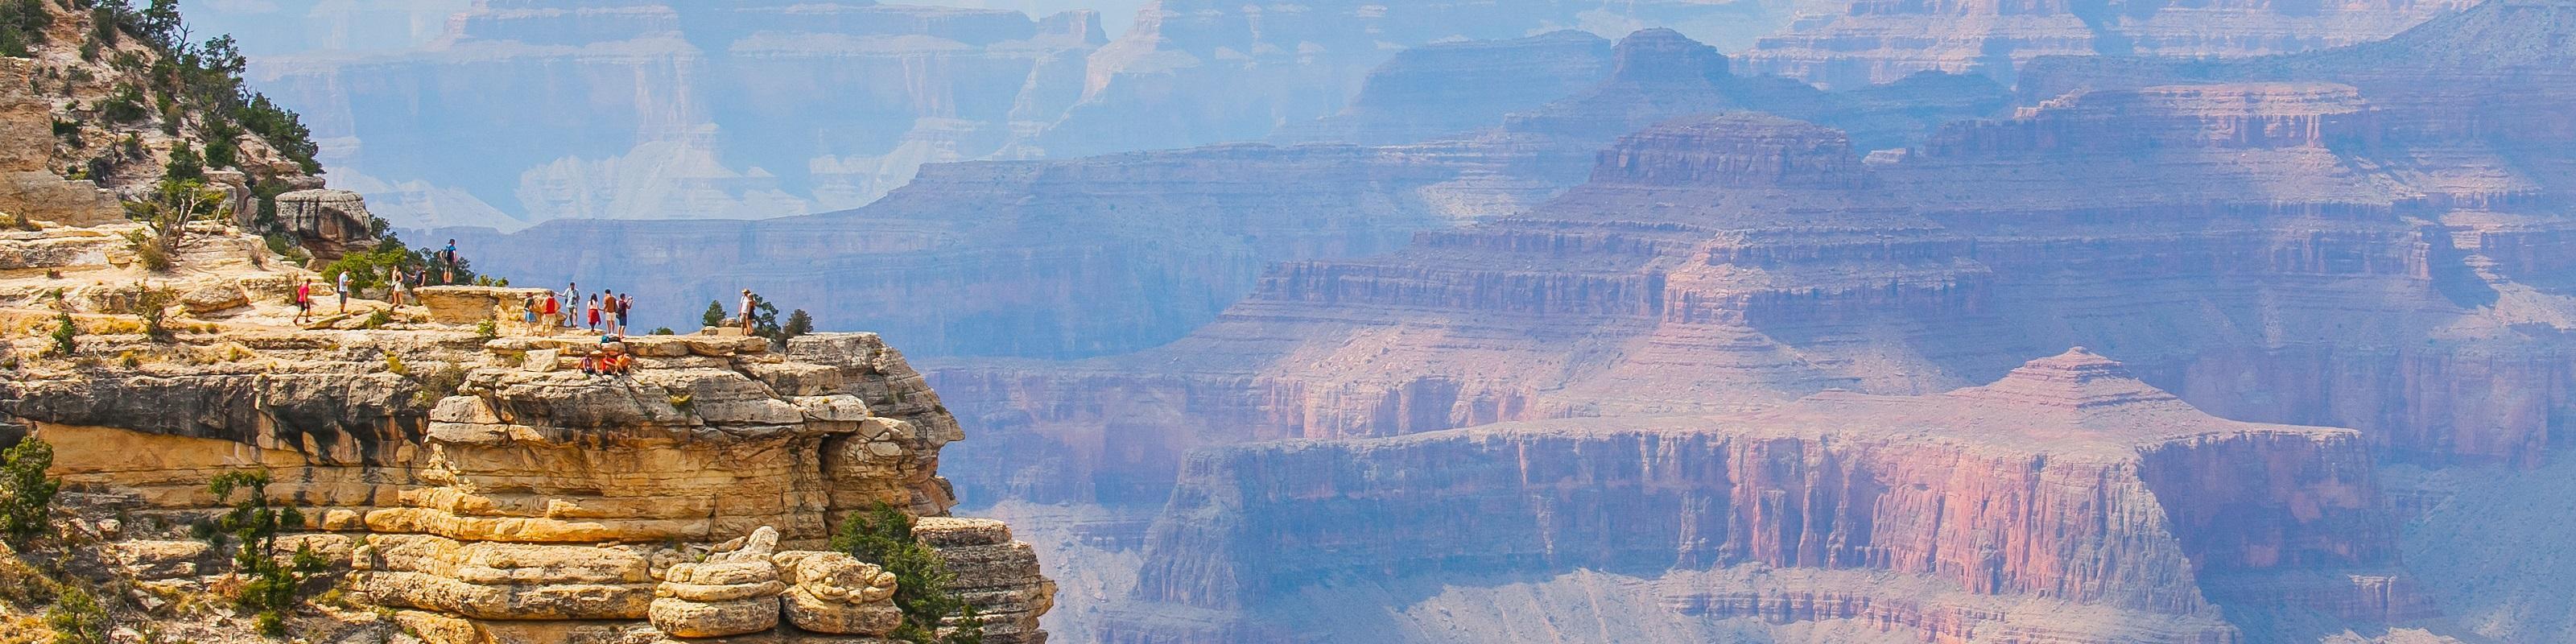 Où trouver les meilleures vues du Grand Canyon